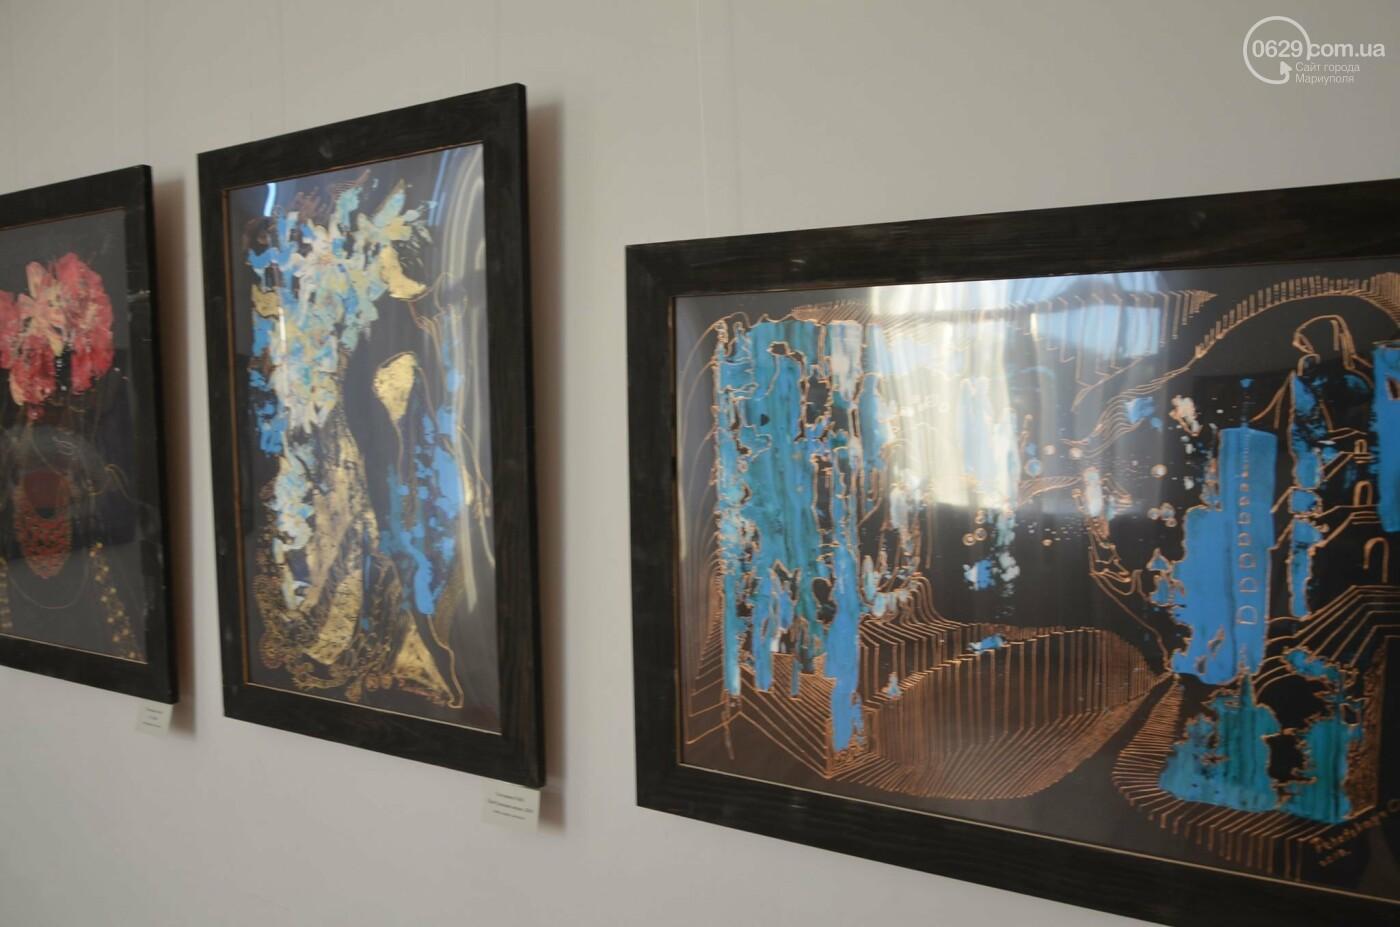 Золото на черном. Мариупольская  художница  Оксана Гнатышин  представила картины в авангардном стиле,-   ФОТО, фото-5